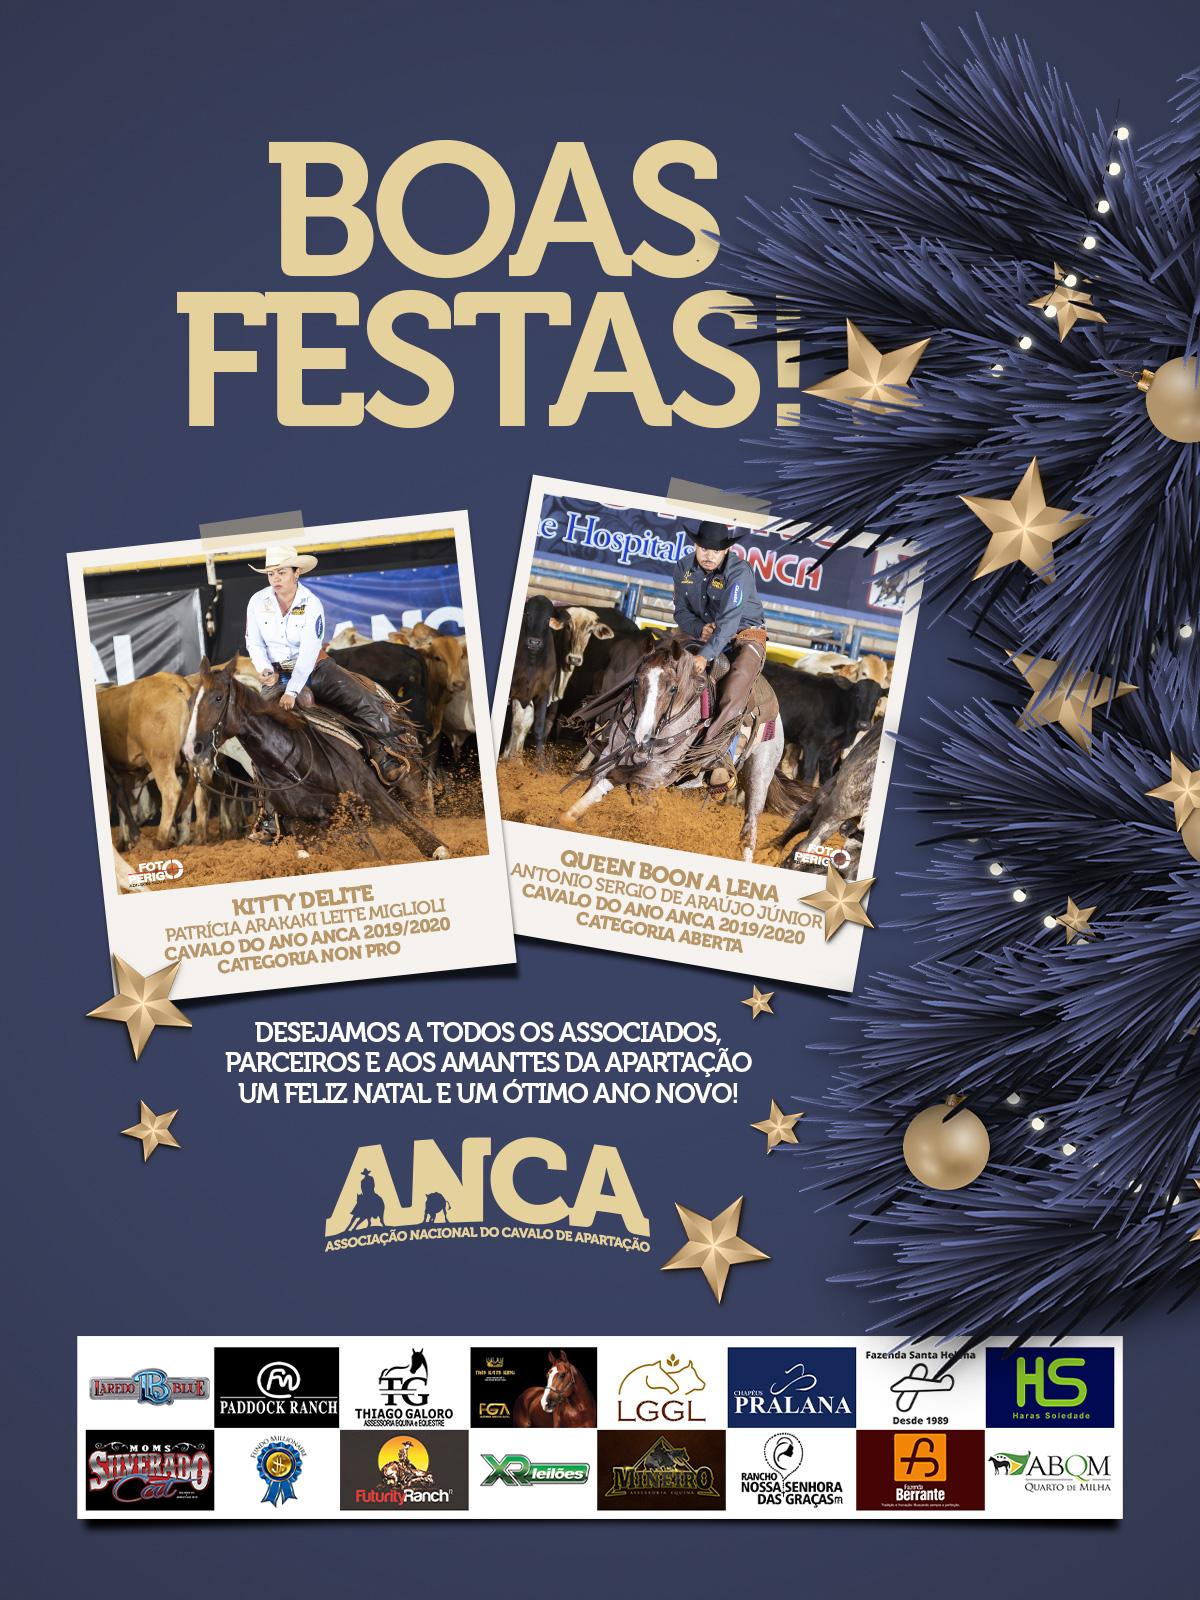 Um feliz Natal e um próspero ano novo a todos os sócios da ANCA